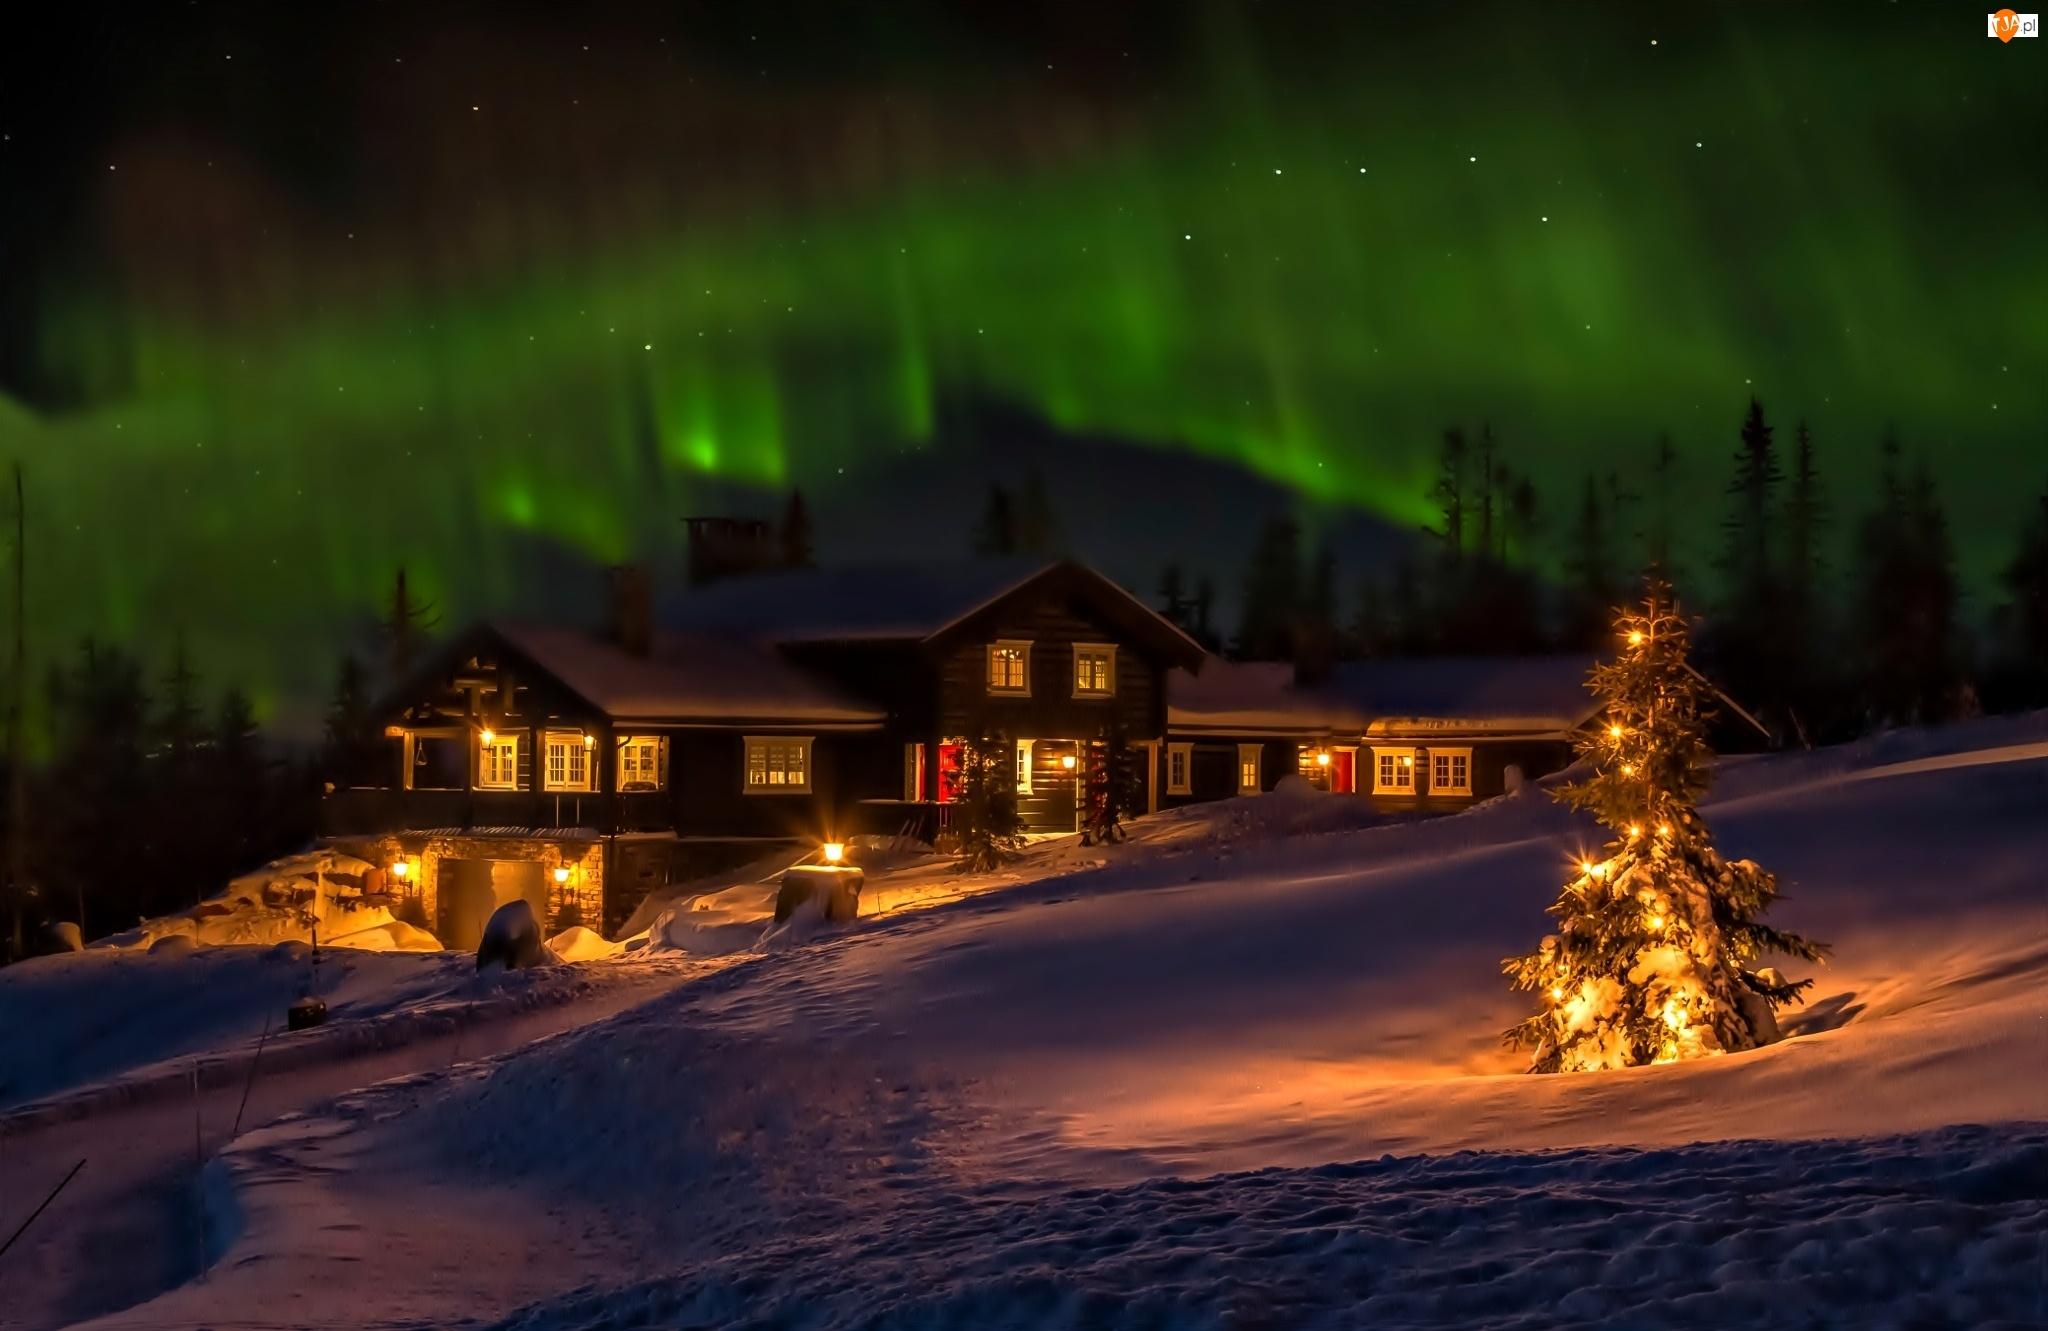 Zorza Polarna, Śnieg, Oświetlony Dom, Noc